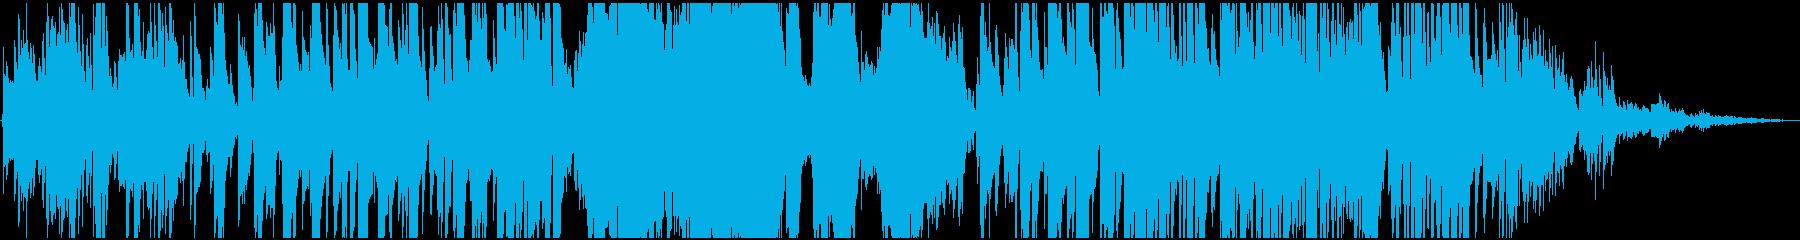 ゆったりながらシリアスな雰囲気のBGMの再生済みの波形